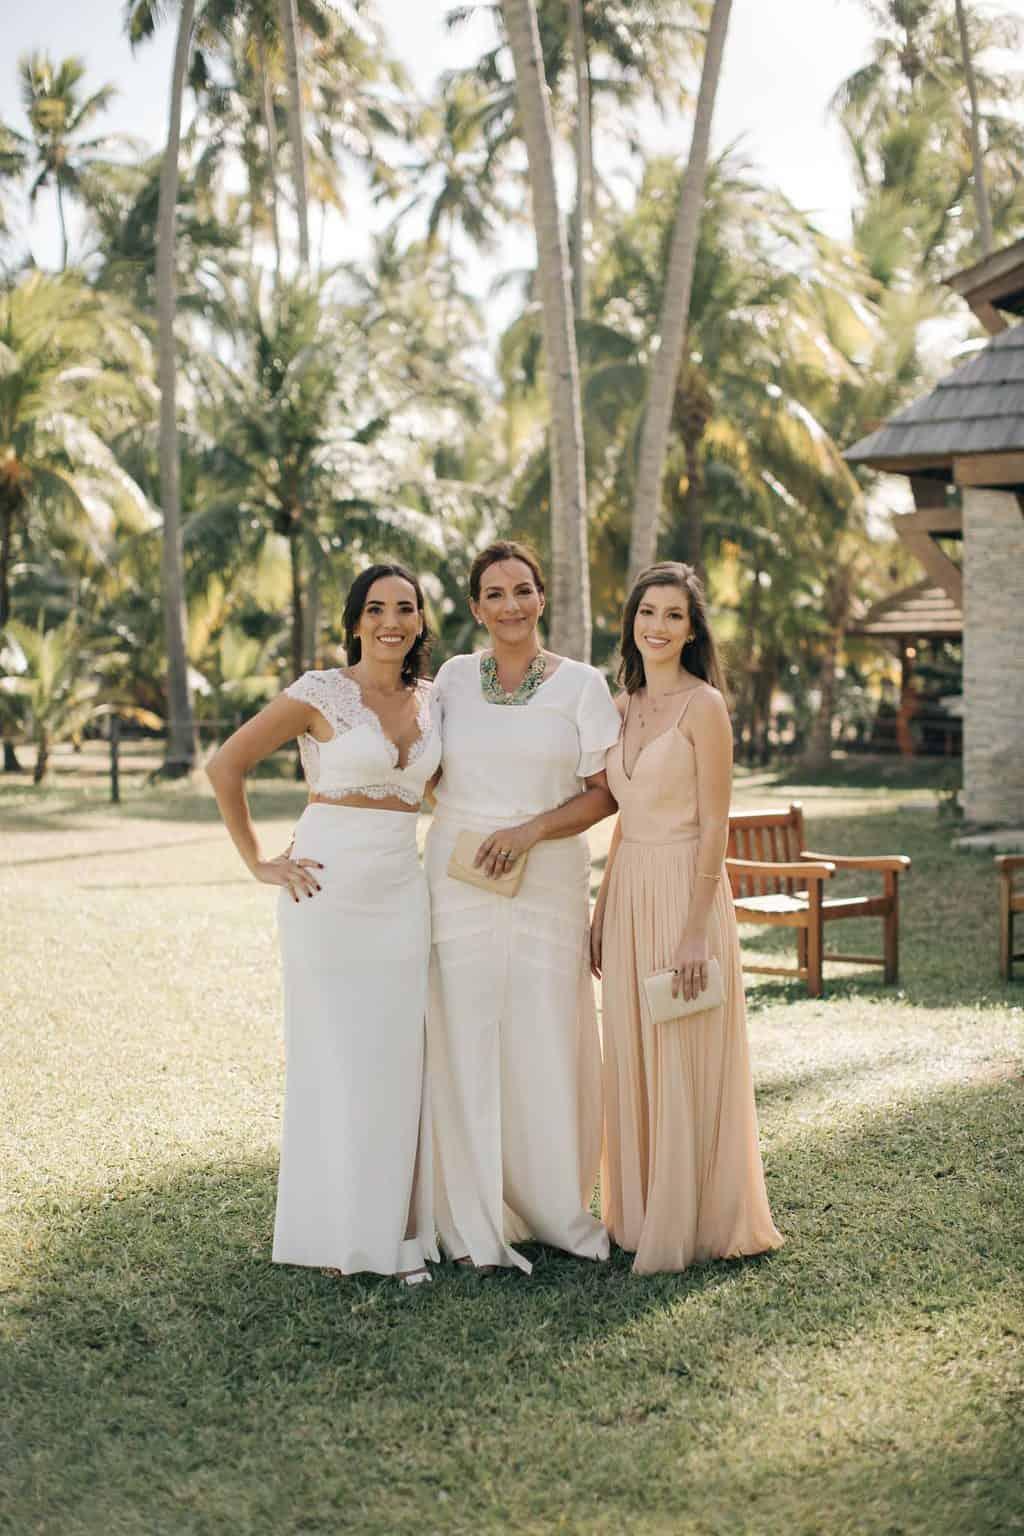 casamento-Danielle-e-Guilherme-aloha-fotografia-caseme-27